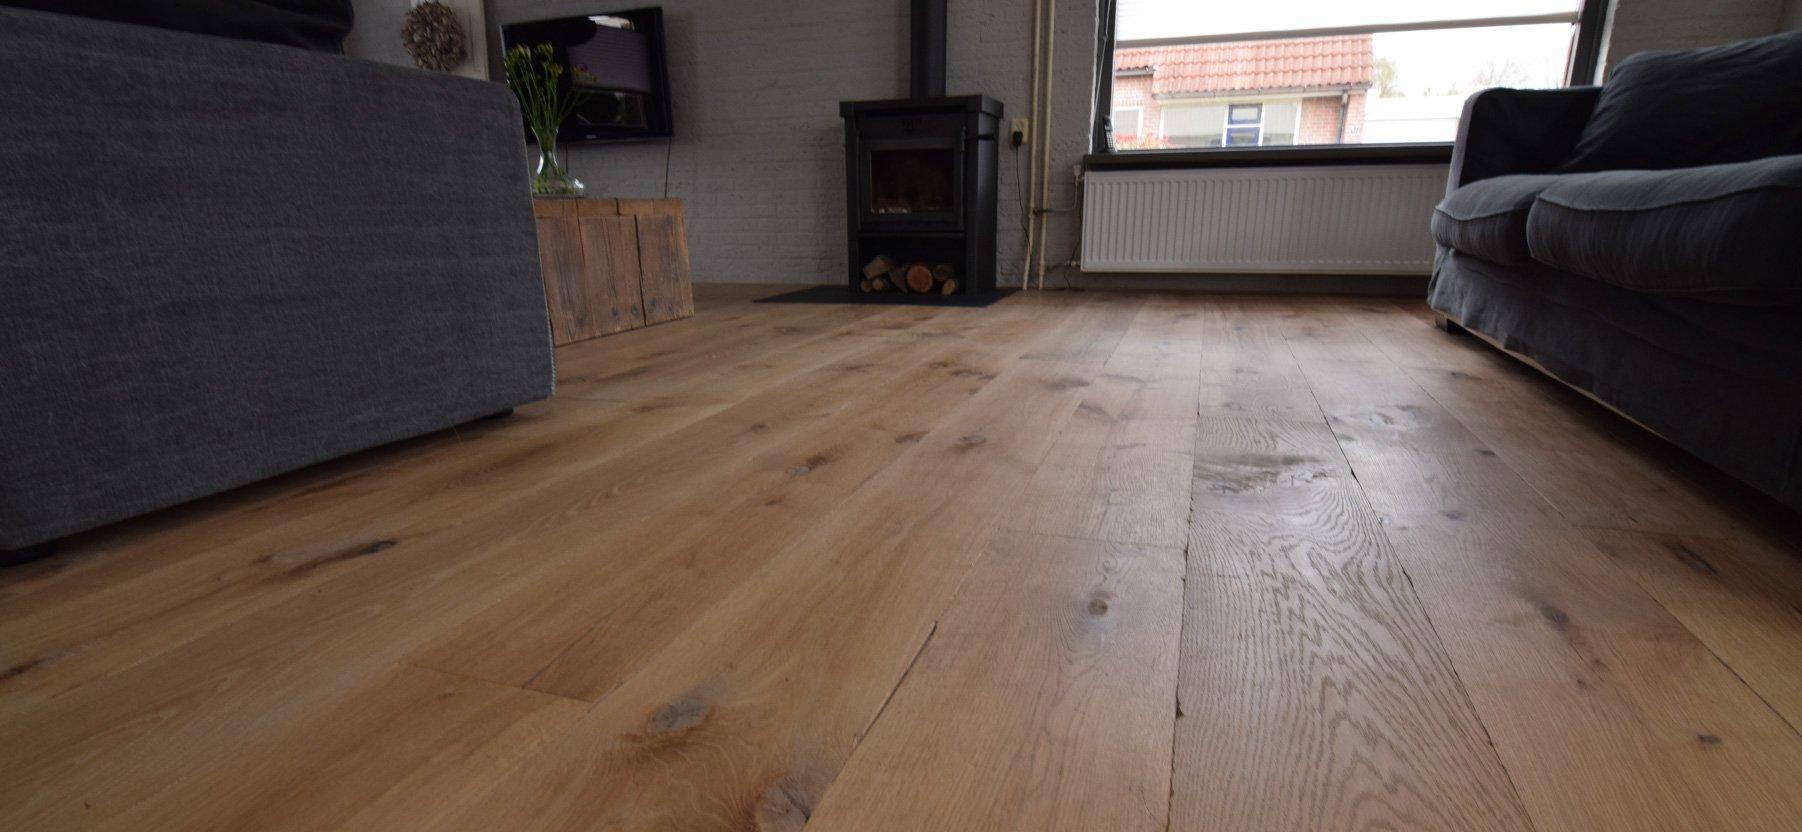 Eiken houten Castle grey vloer